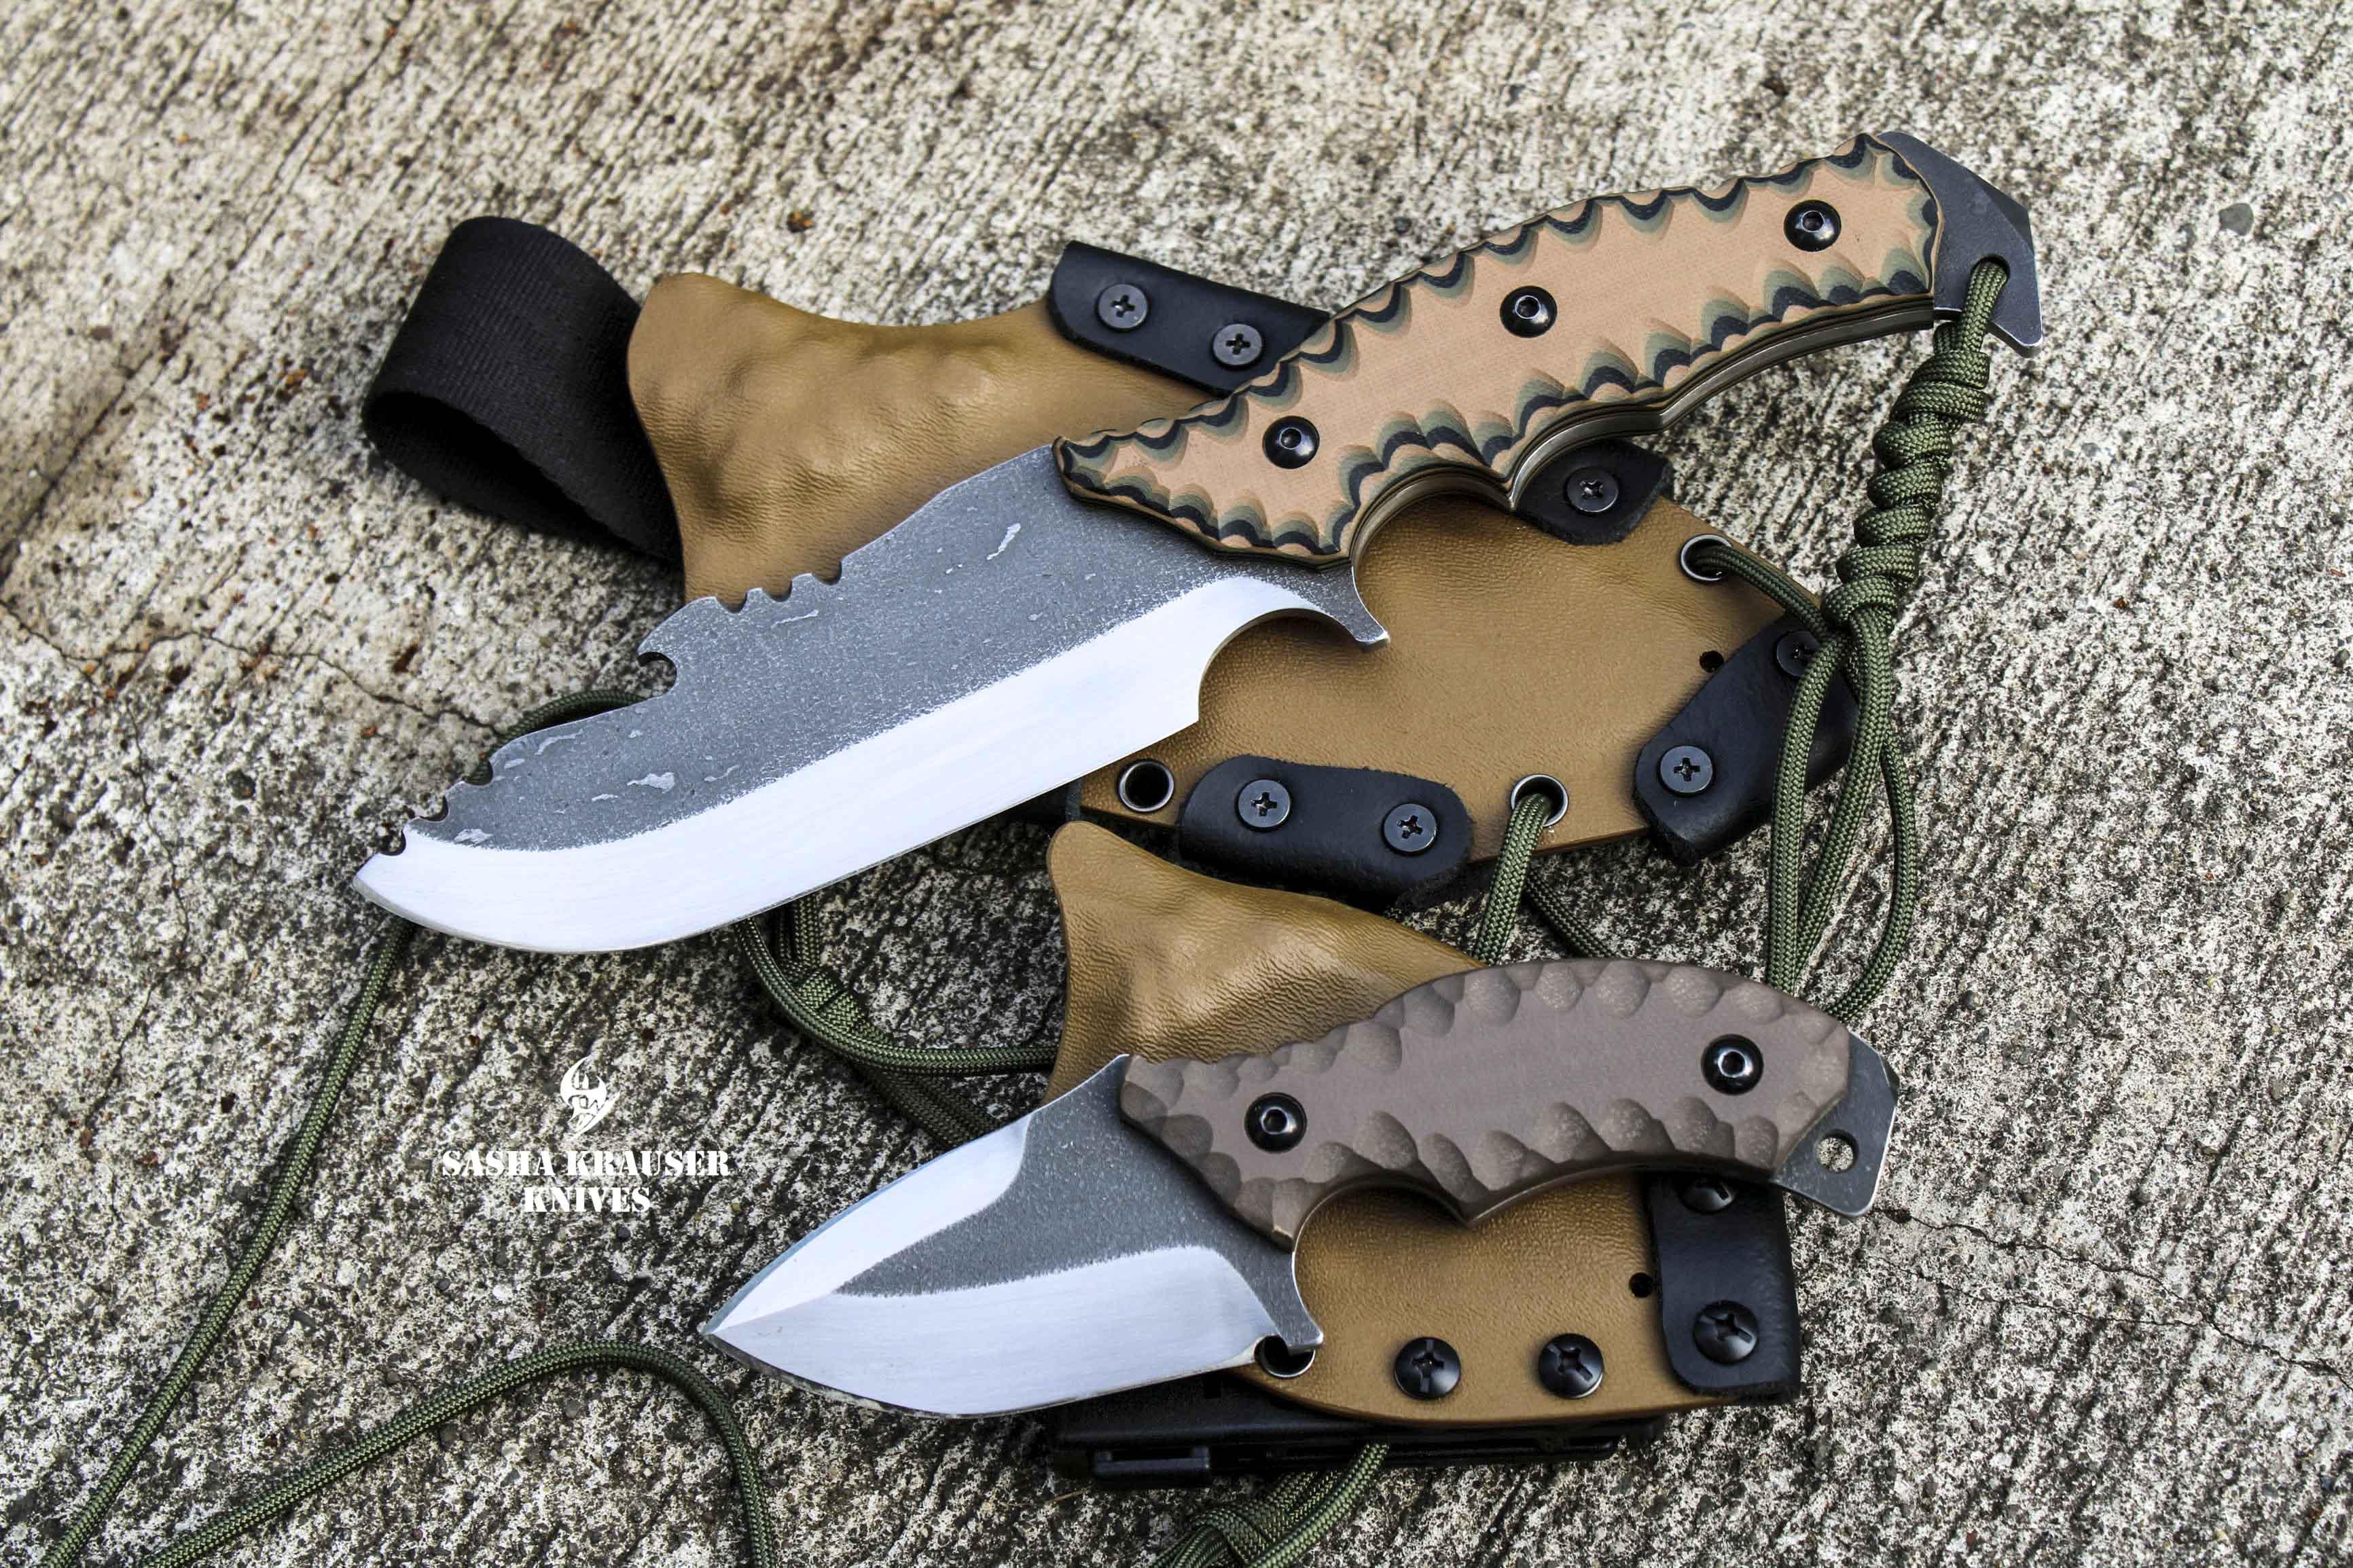 Estrela V2 franky4fingers knife